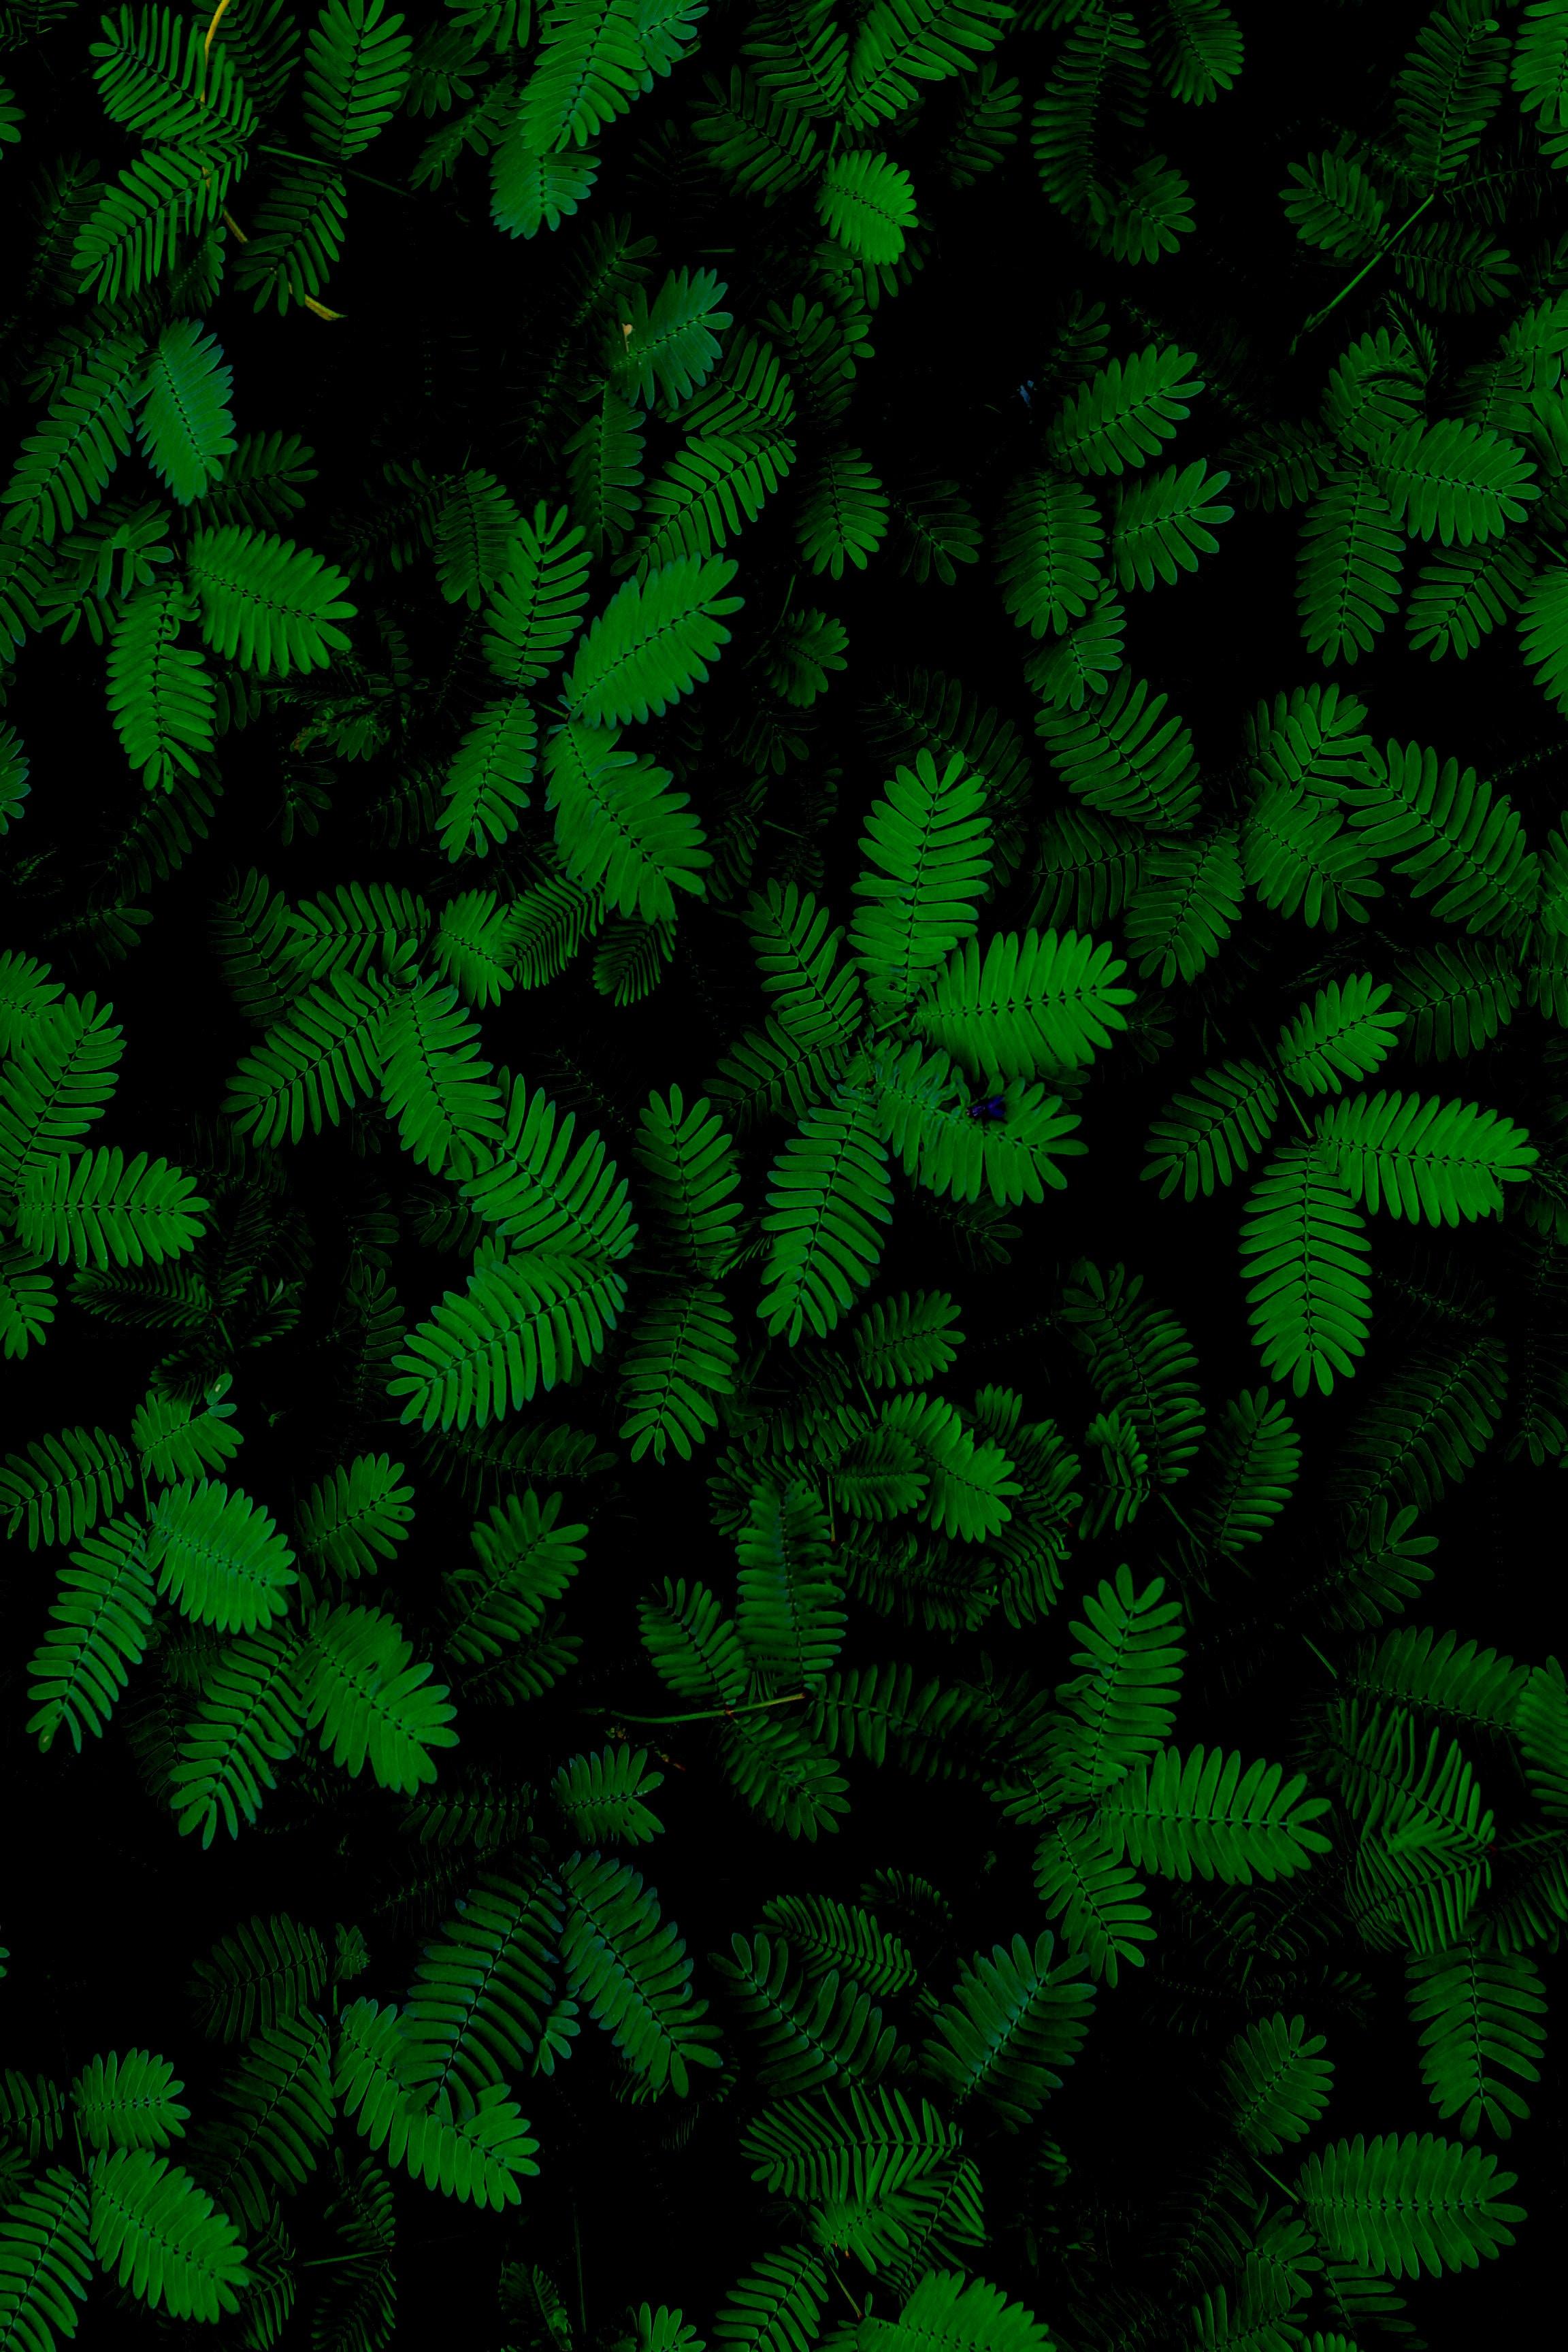 81694 завантажити Зелений шпалери на телефон безкоштовно, Рослини, Природа, Листя, Різьблений, Різьблені Зелений картинки і заставки на мобільний